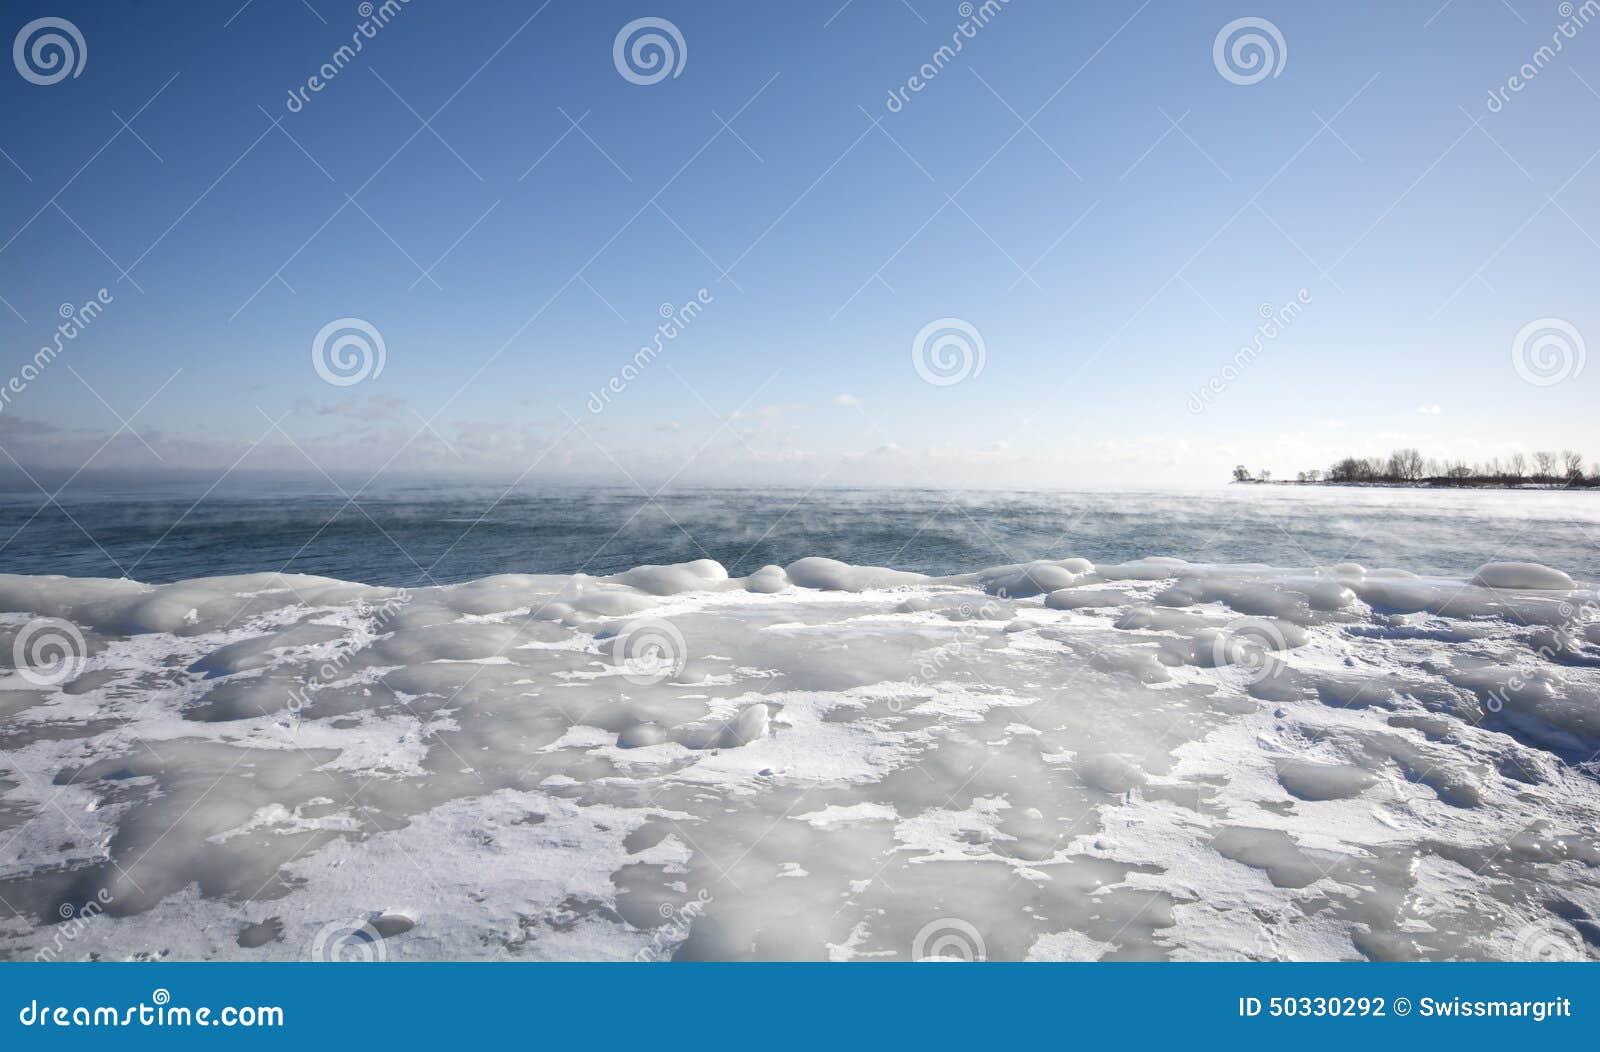 Vapor stigning av, av det varma vattnet av Lake Ontario